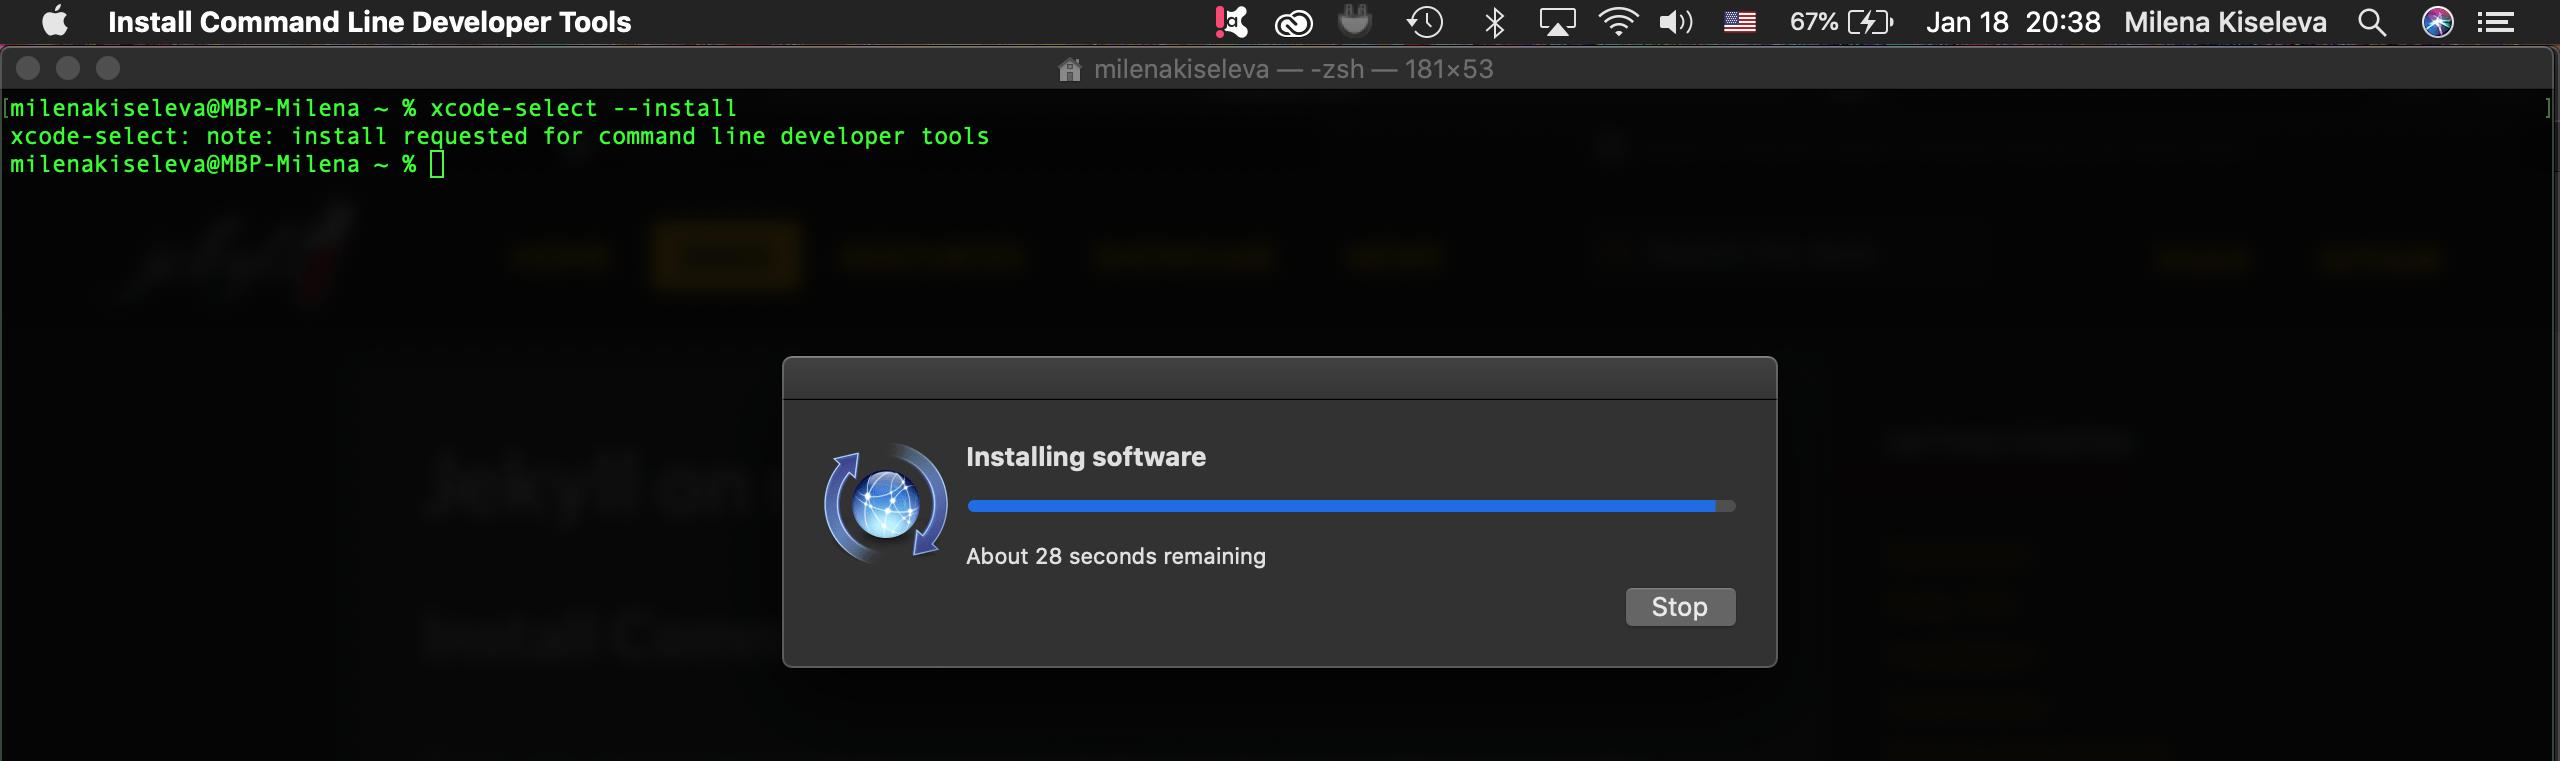 Як встановити інструменти для працювання з Jekyll в macOS